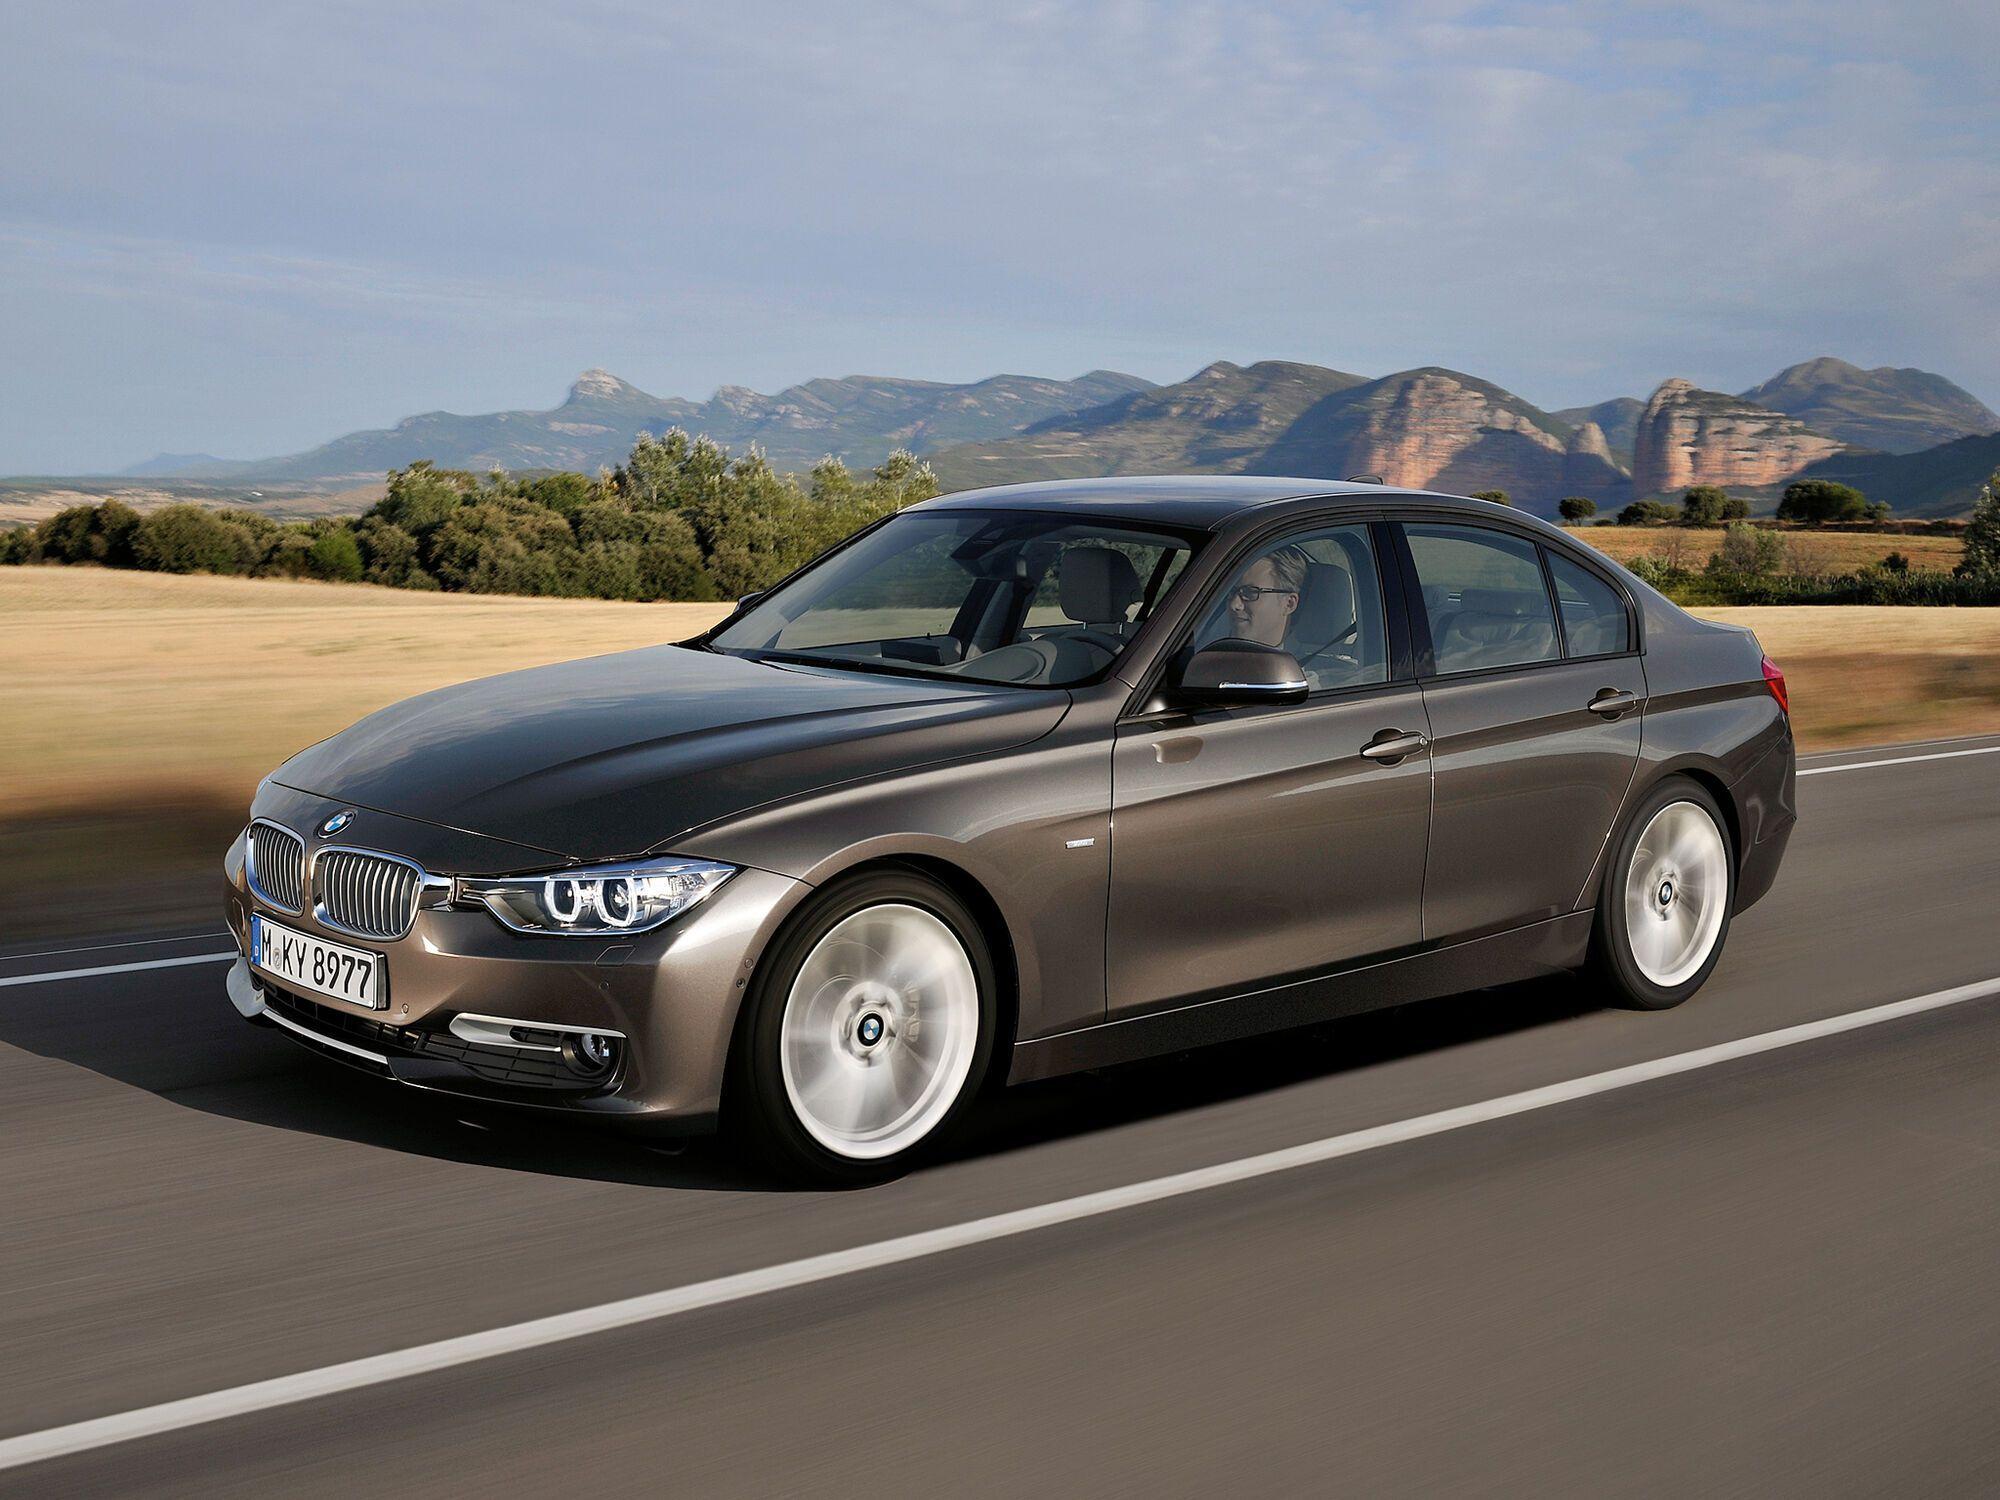 Єдиний представник преміум сегменту в рейтингу – BMW 3 Series